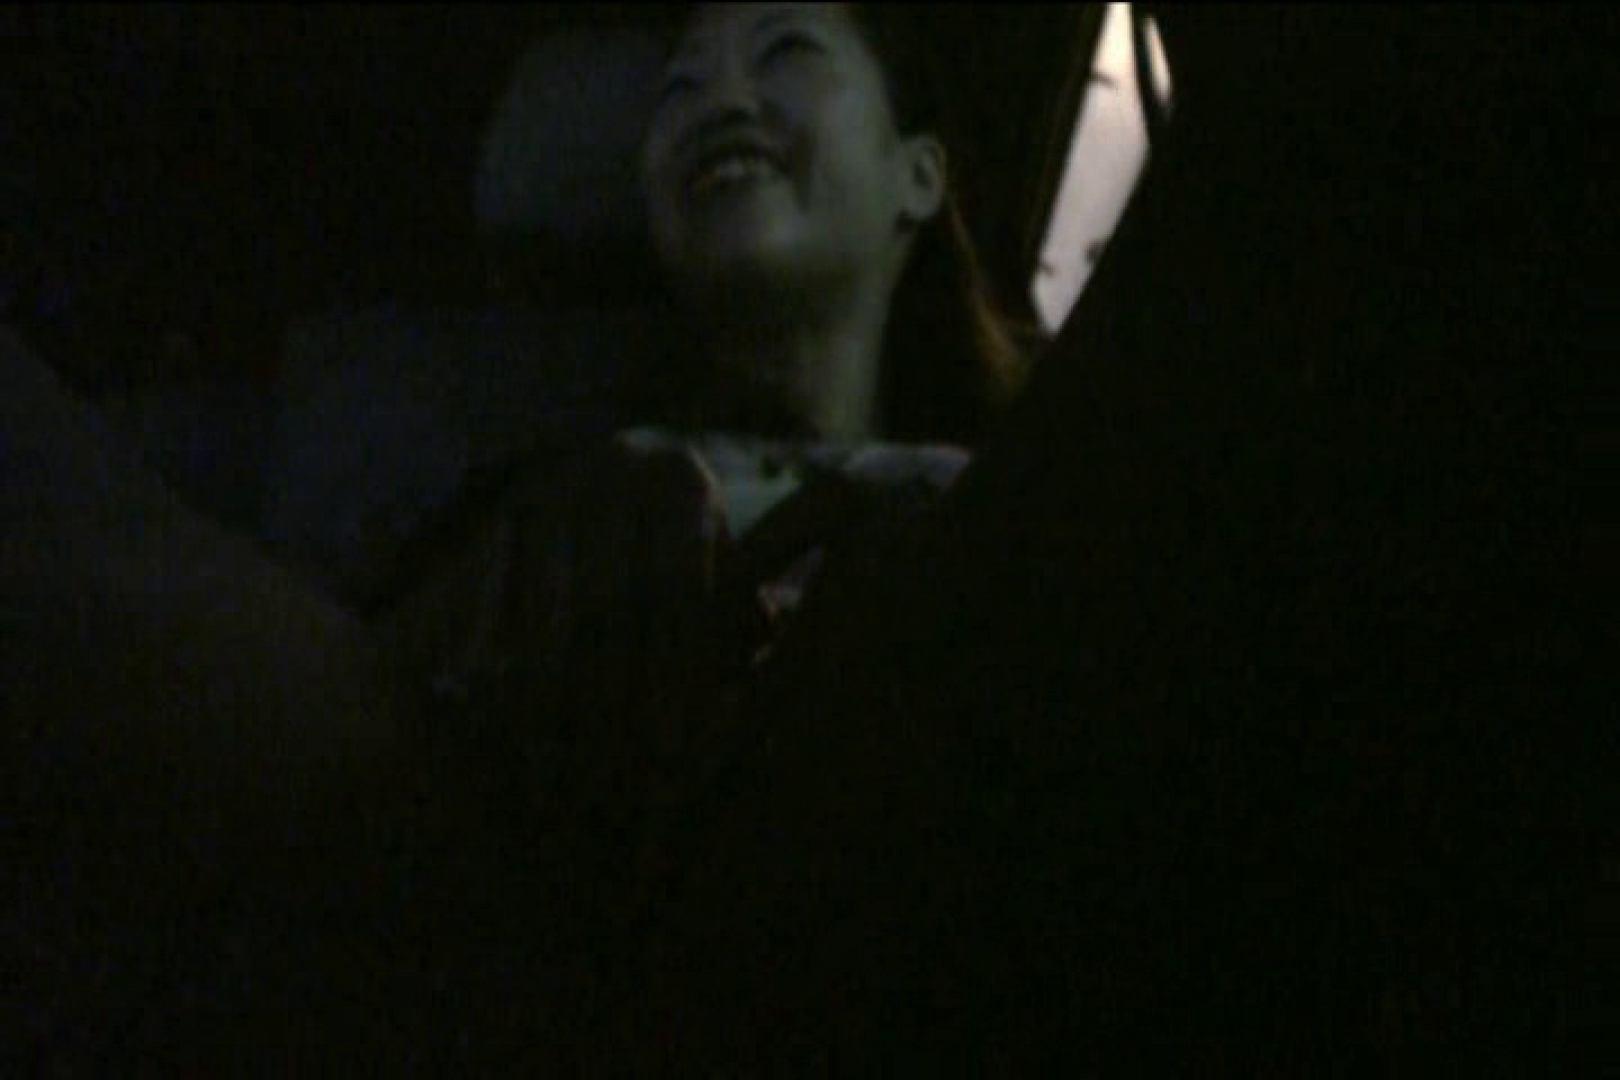 車内で初めまして! vol01 ハプニング   盗撮  68pic 63